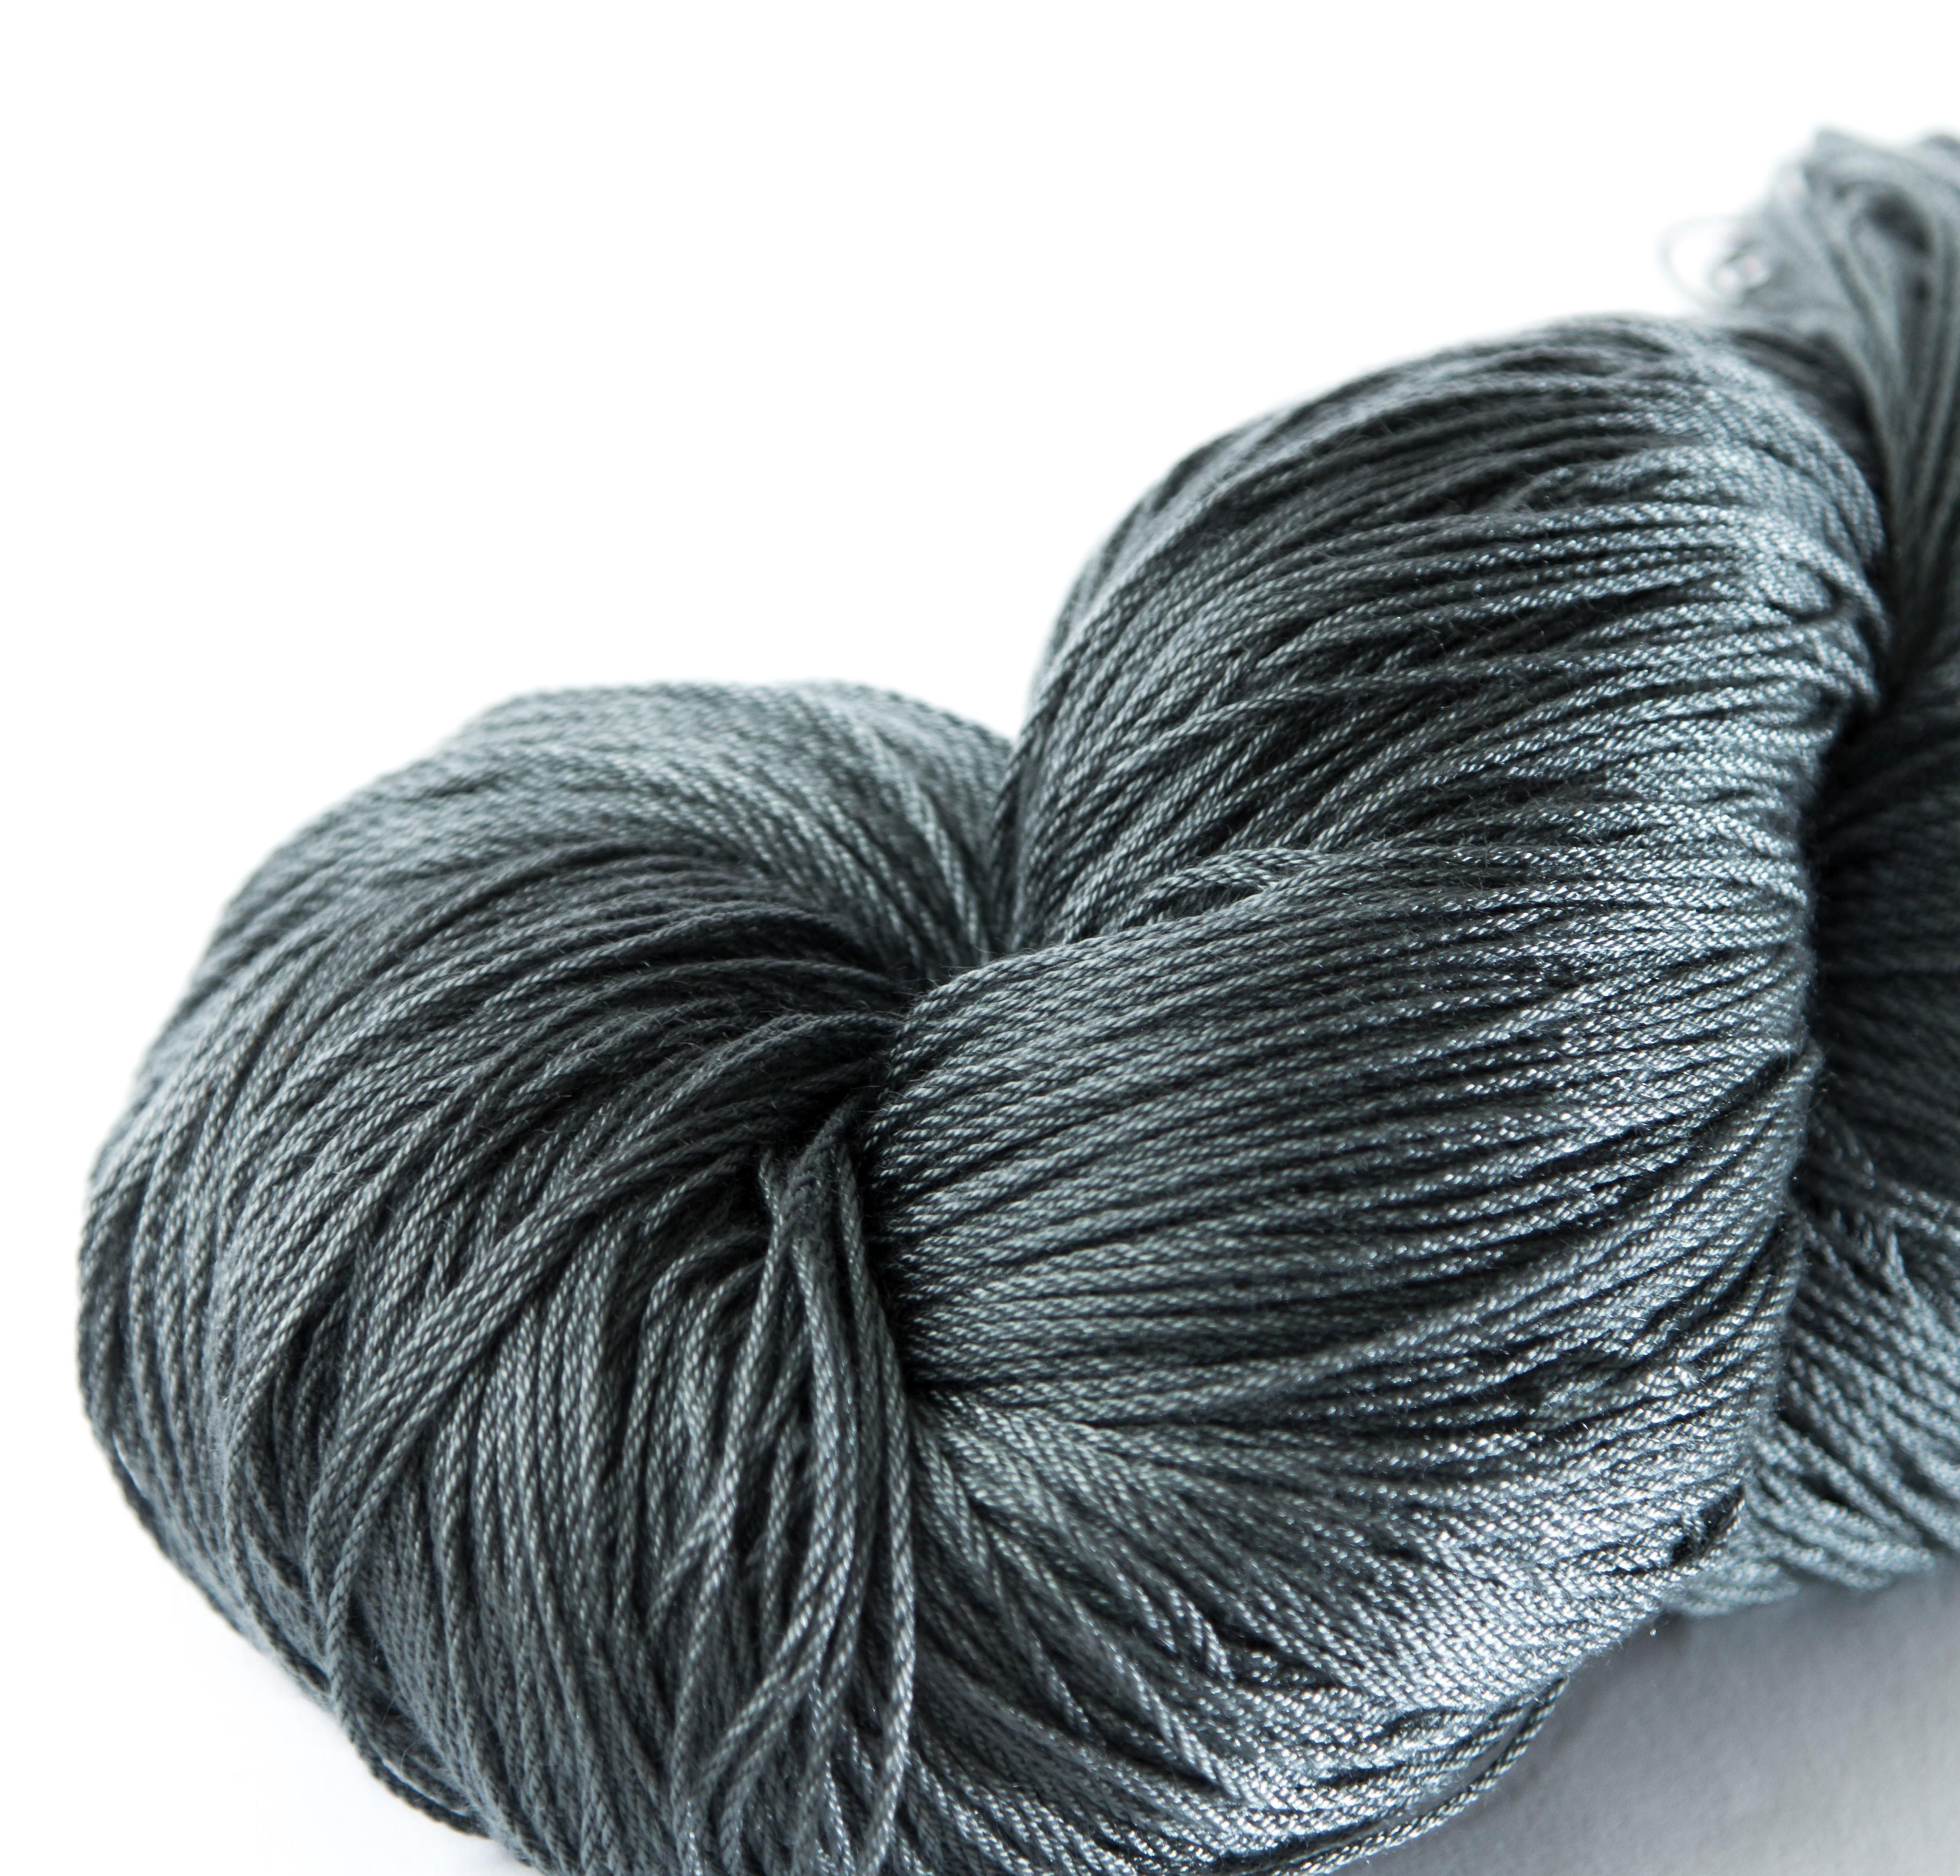 Gegenüber Wolle besitzt das Tencelgarn einige Vorzüge. (Foto: Vegarn.eu)